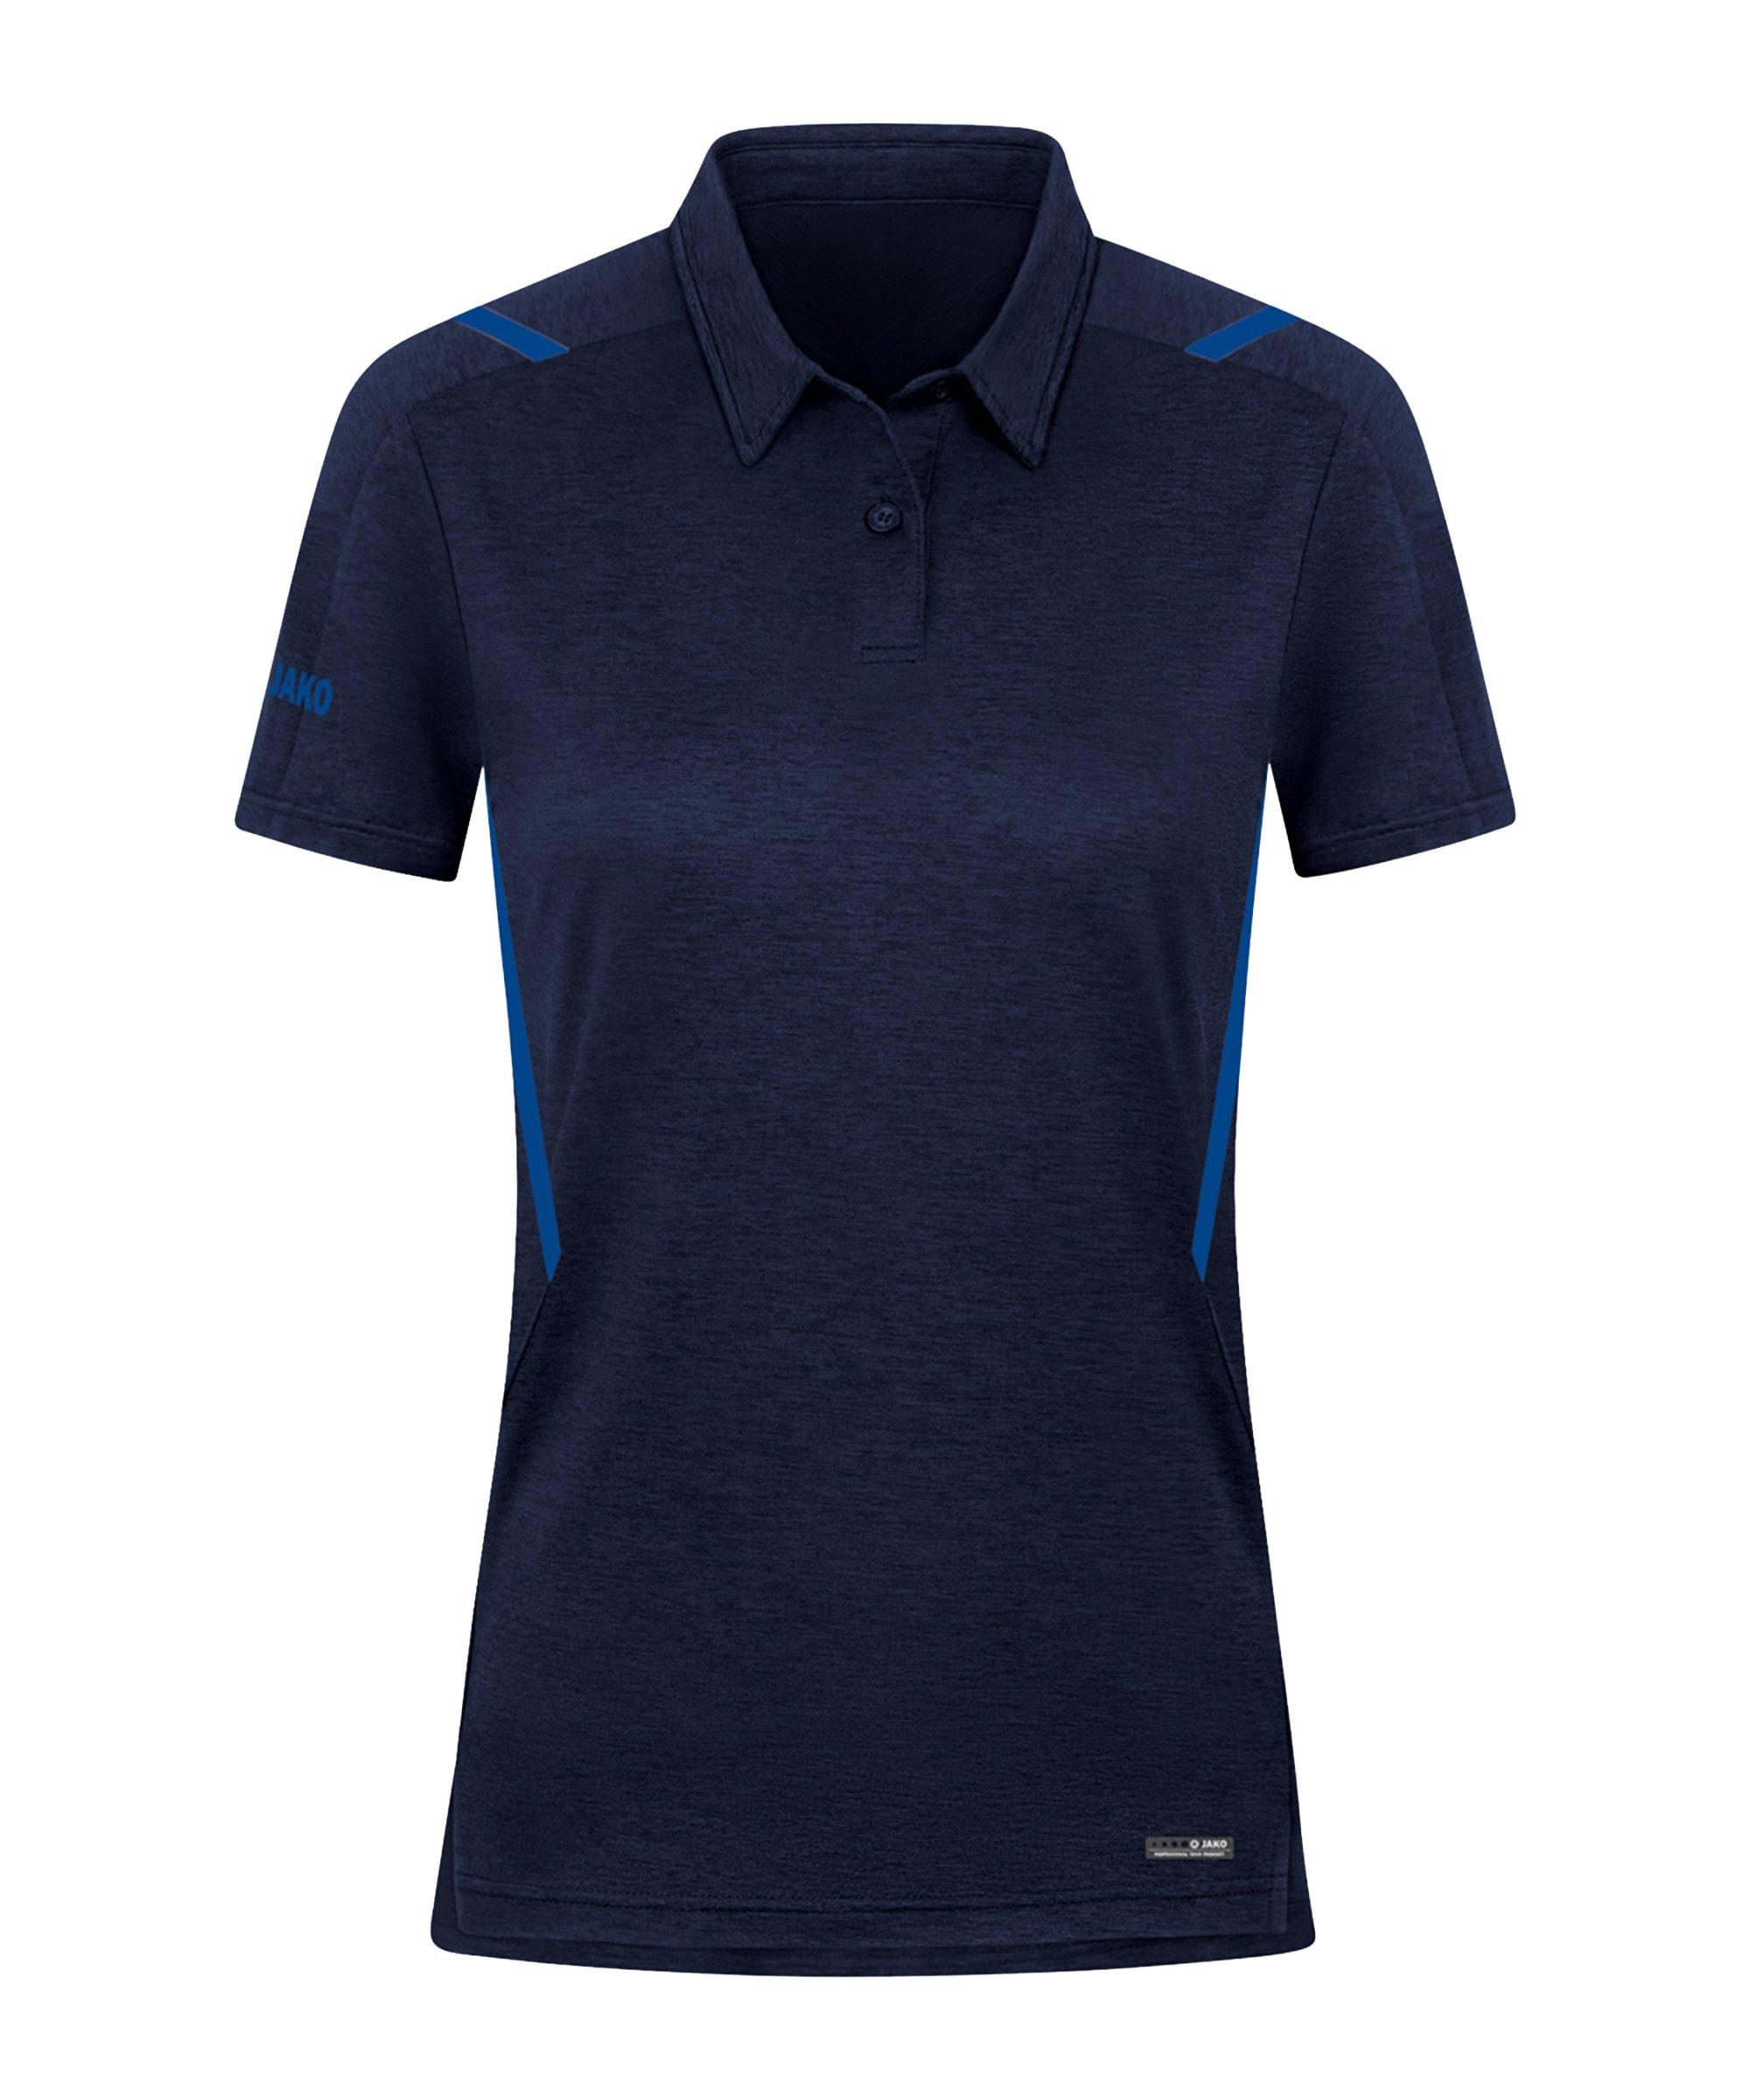 JAKO Challenge Polo Damen Blau F511 - blau